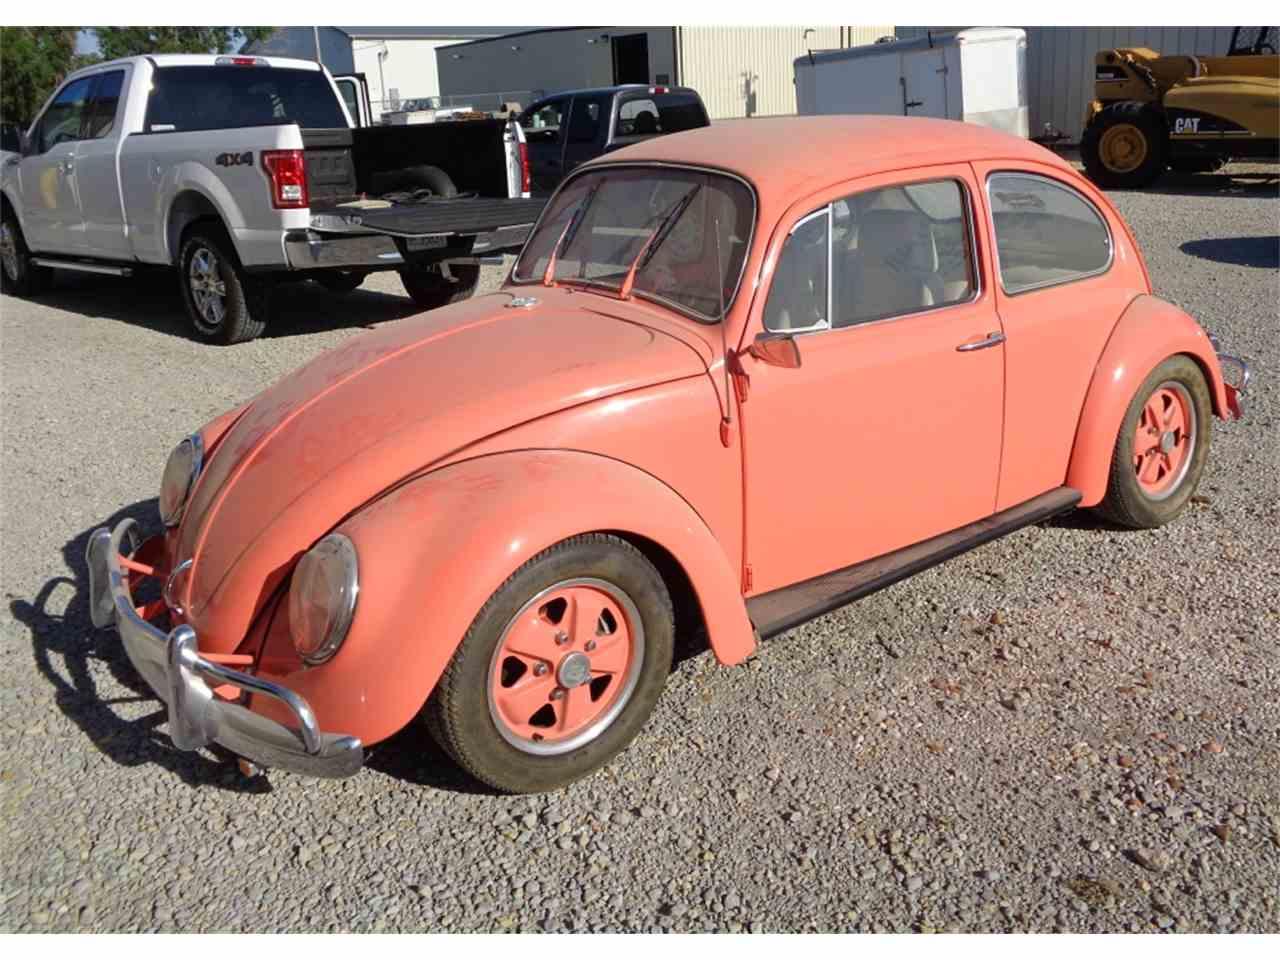 1965 vw bug wallpaper - photo #15